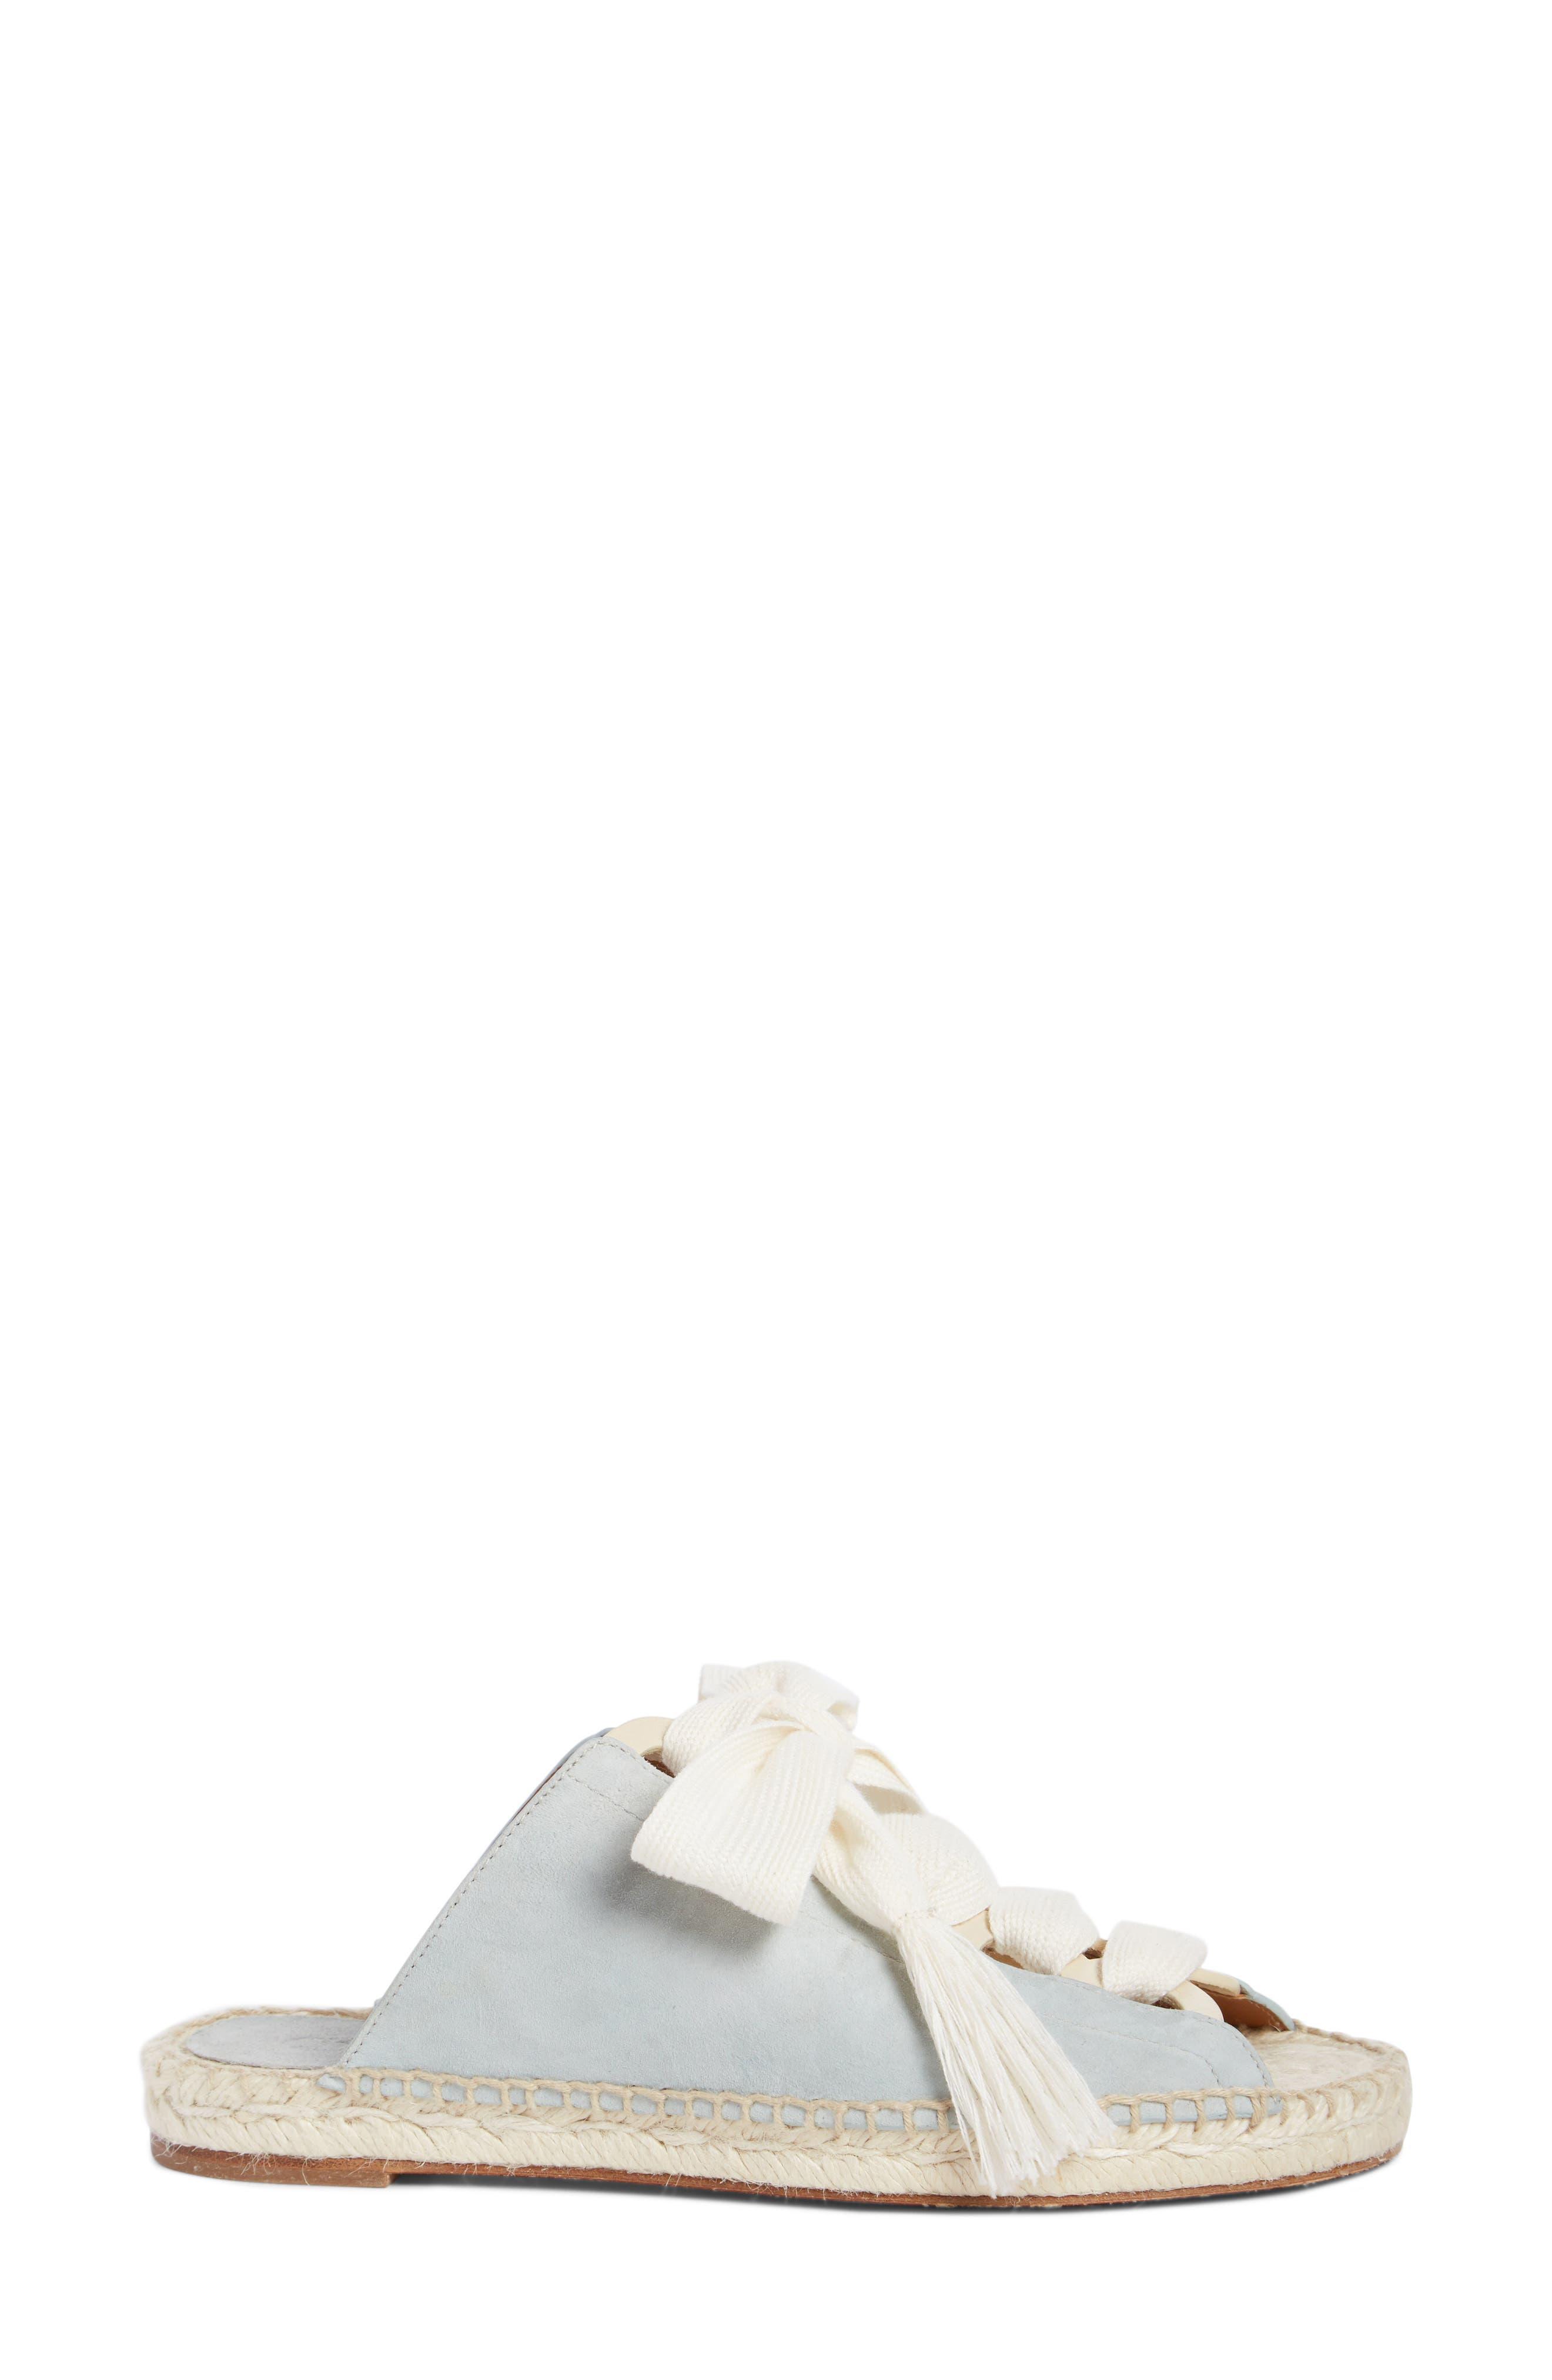 Harper Lace-Up Espadrille Slide Sandal,                             Alternate thumbnail 3, color,                             450